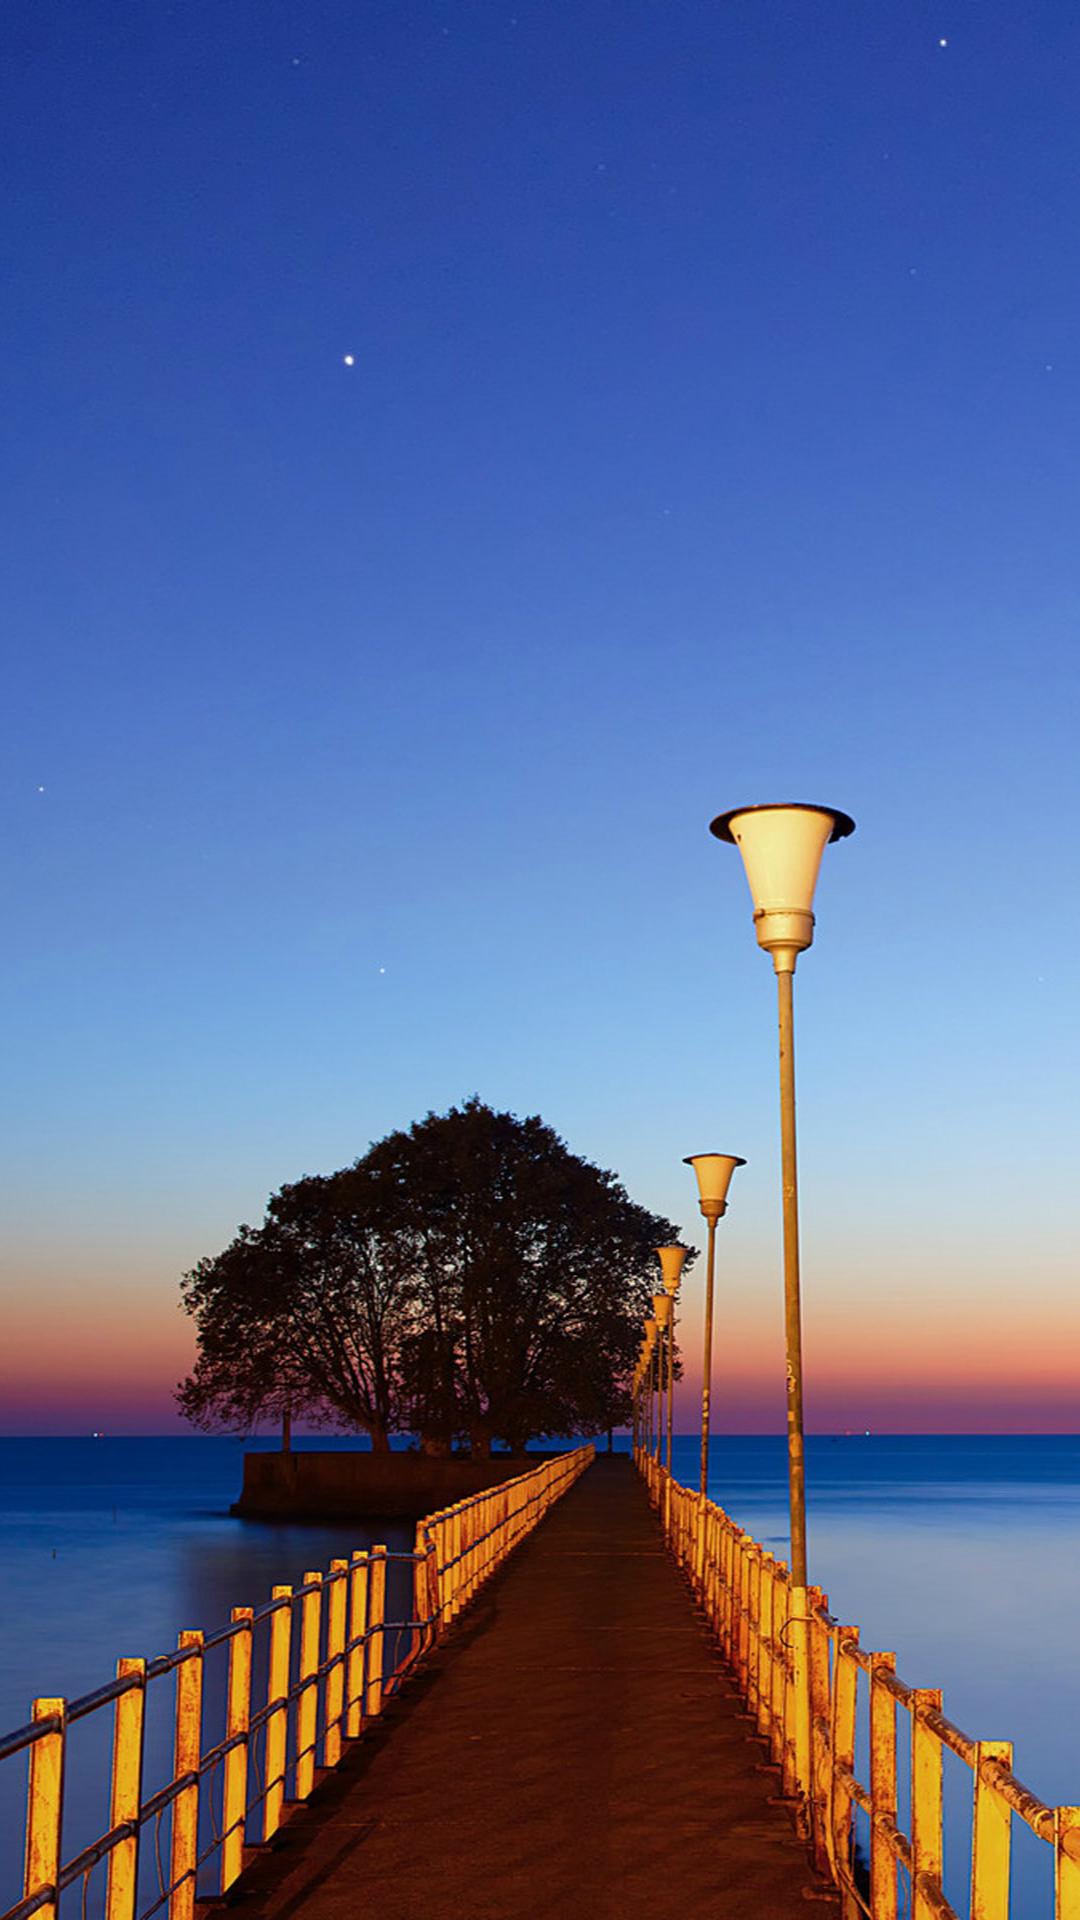 真っ直ぐに続く桟橋 iPhone6 Plus 壁紙